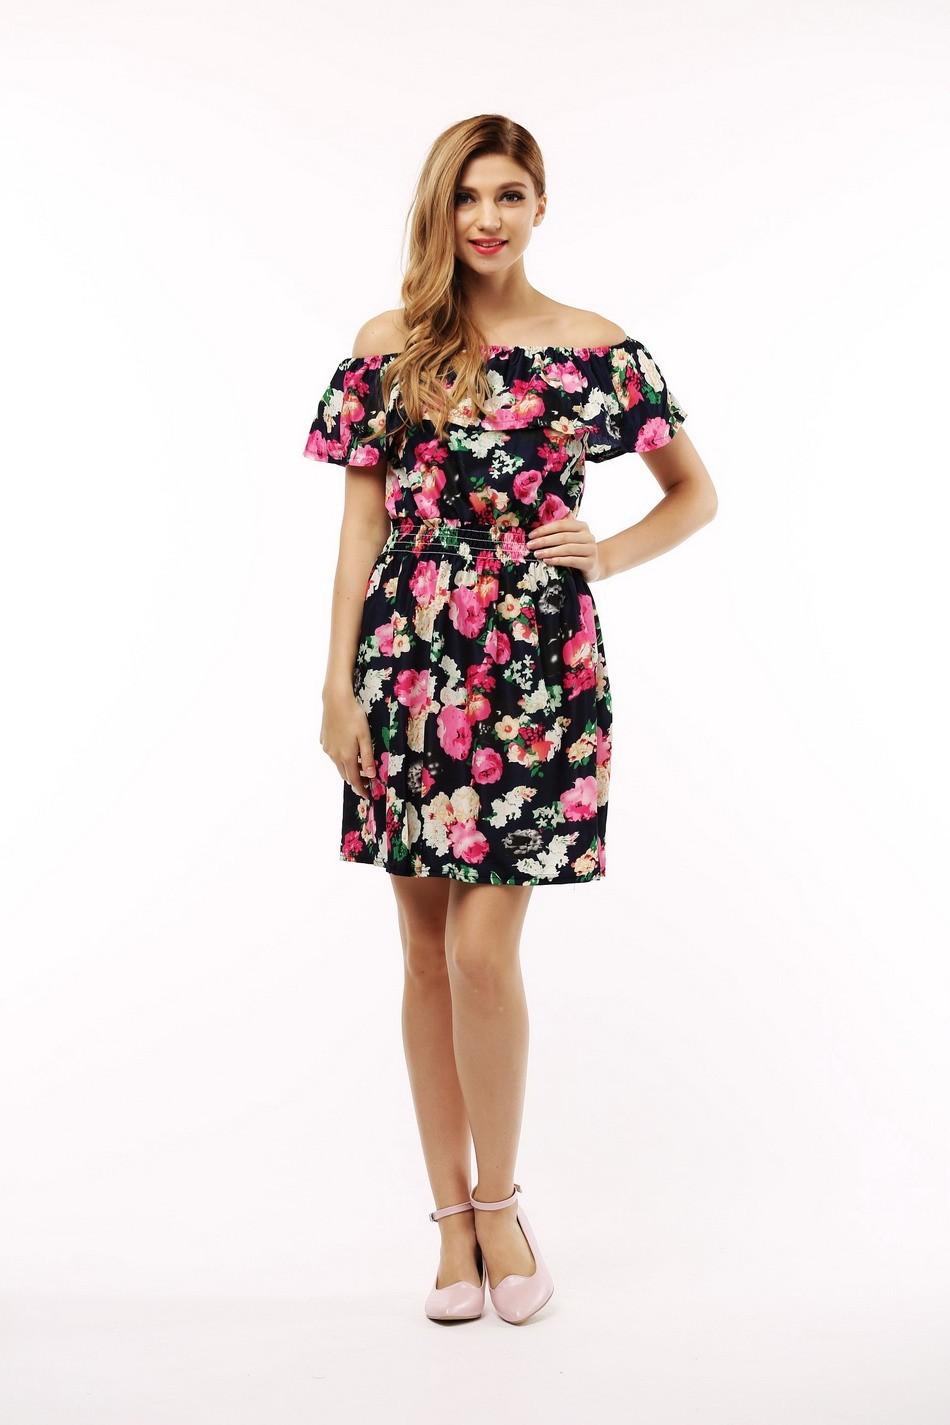 2017 fashion nowa wiosna lato plus size odzież kobiet floral print wzór sukienki na co dzień vestidos wc0472 4